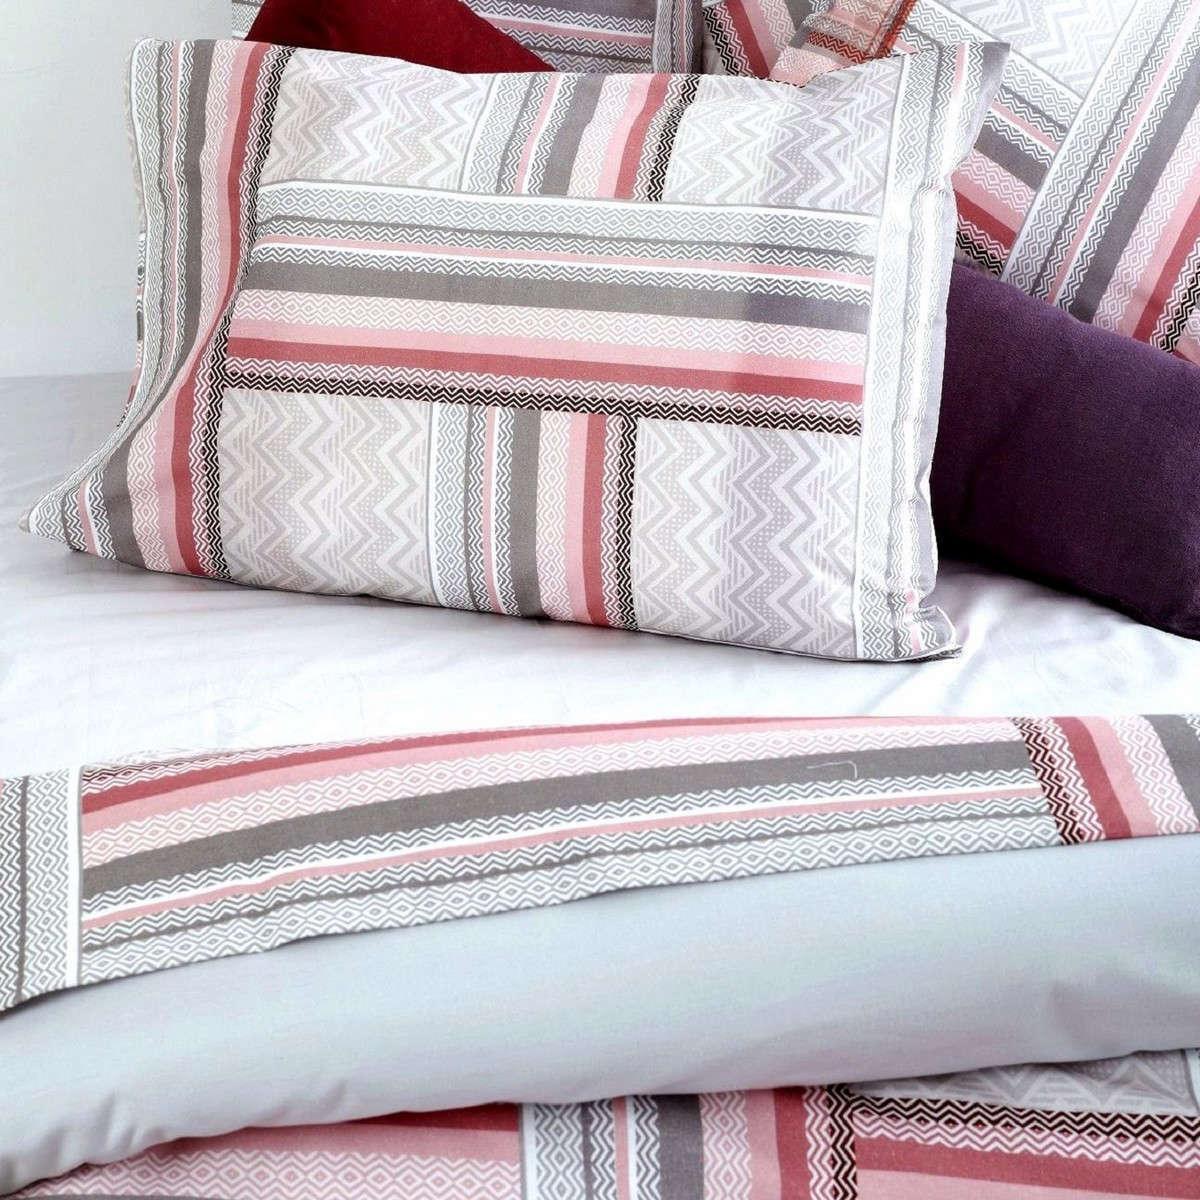 Μαξιλαροθήκες Σετ 2τμχ Onyx Pink Sb Home 50Χ70 50x70cm